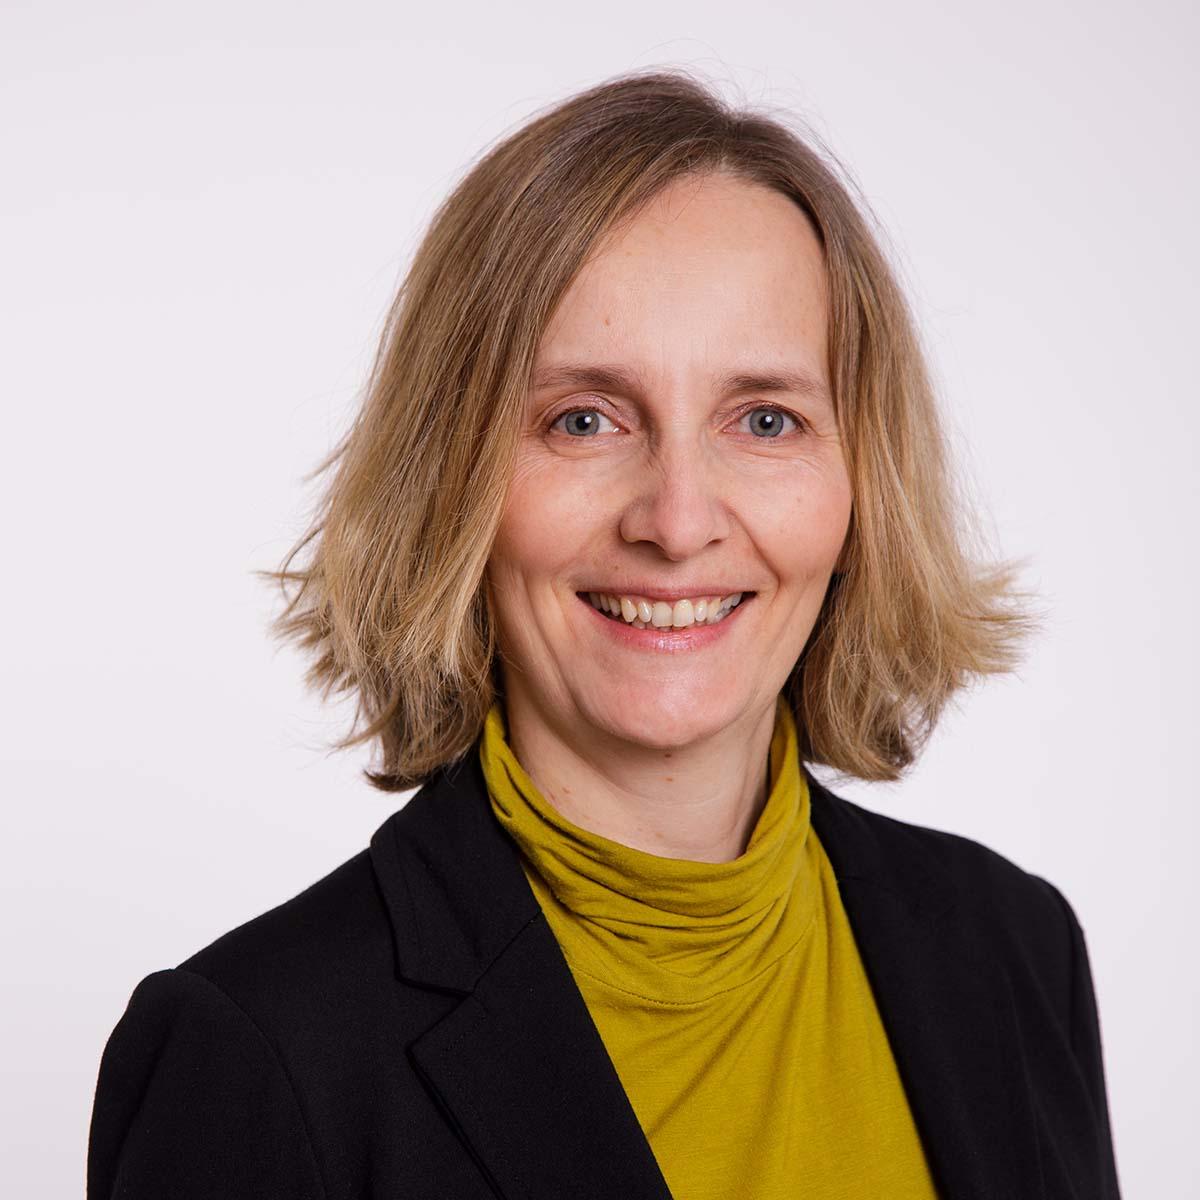 Anja Greve